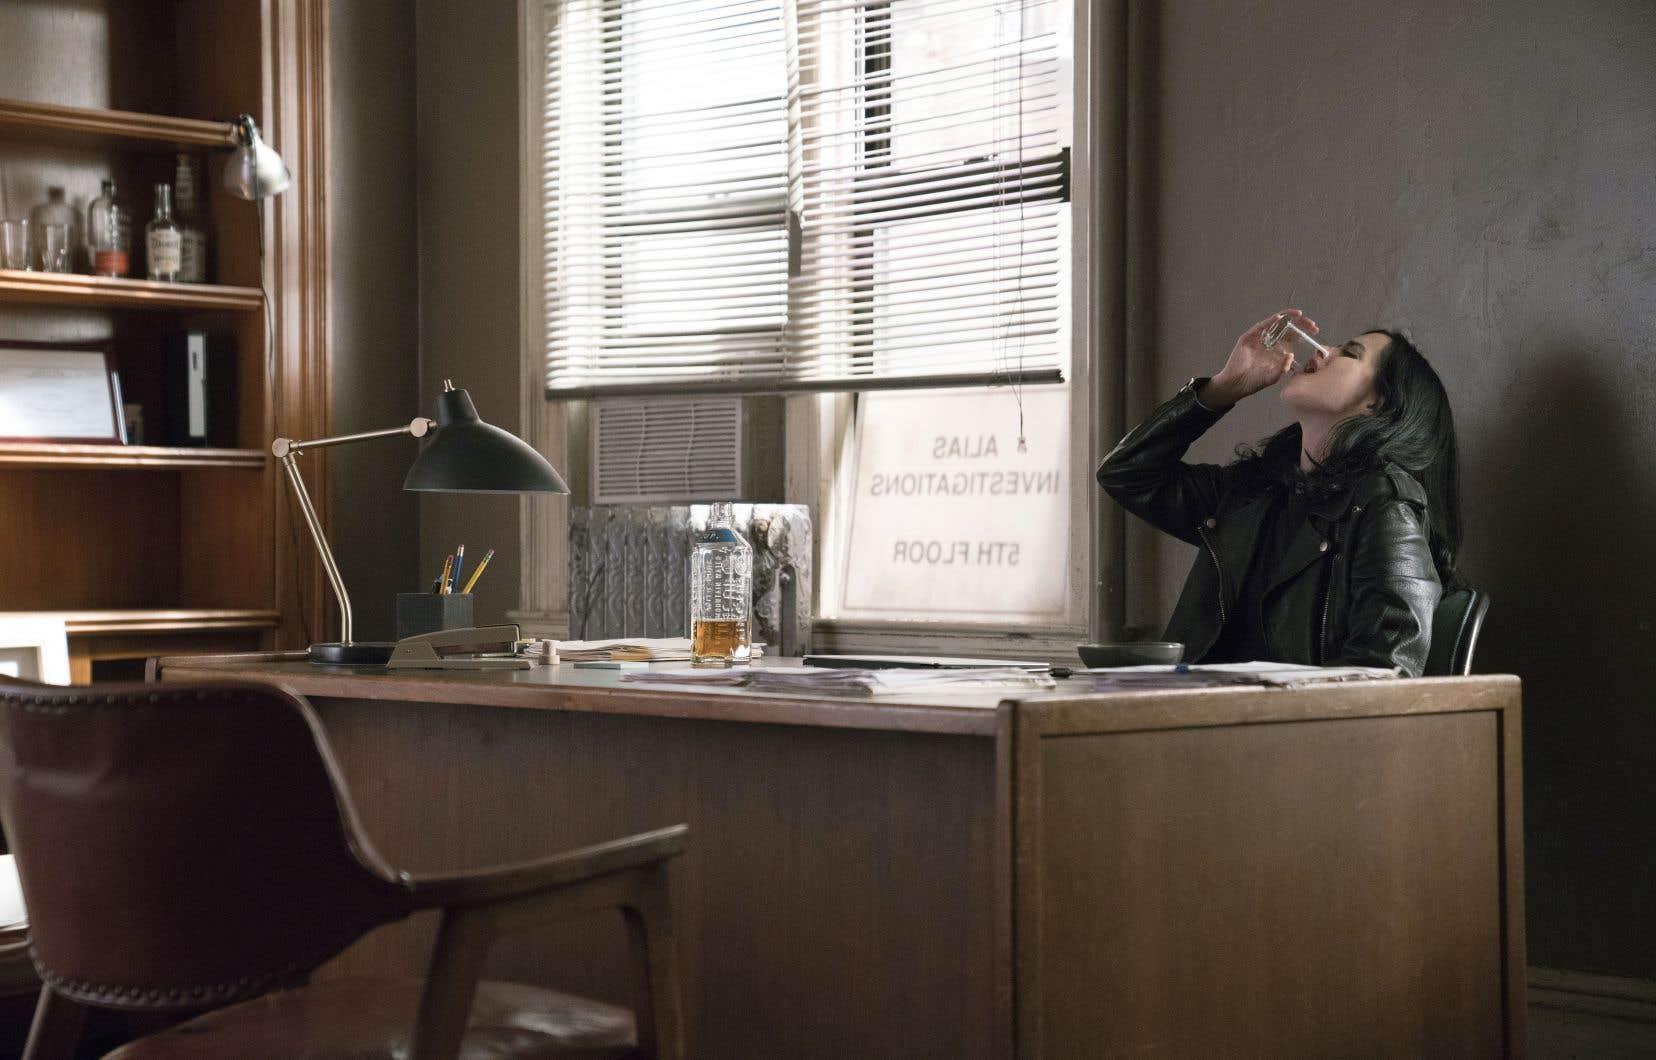 Le personnage central, toujours interprété impeccablement par Krysten Ritter, semble gagner une assurance qui lui faisait parfois défaut dans la première saison.